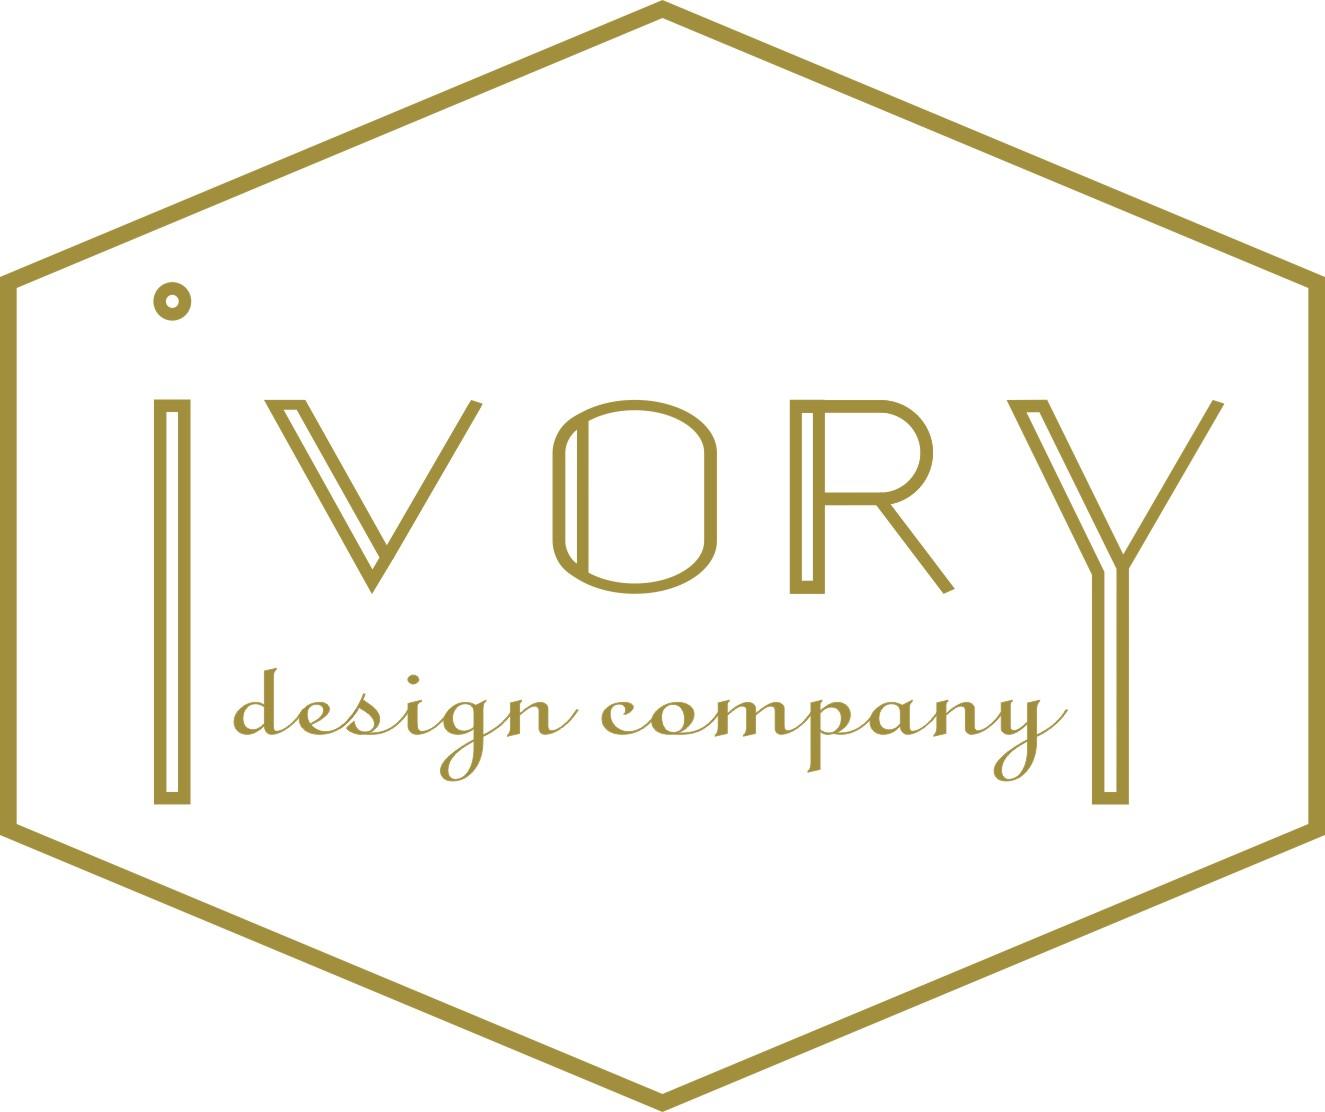 IVORY DESIGN COMPANY Ivory Design Company Nanaimo BC Canada